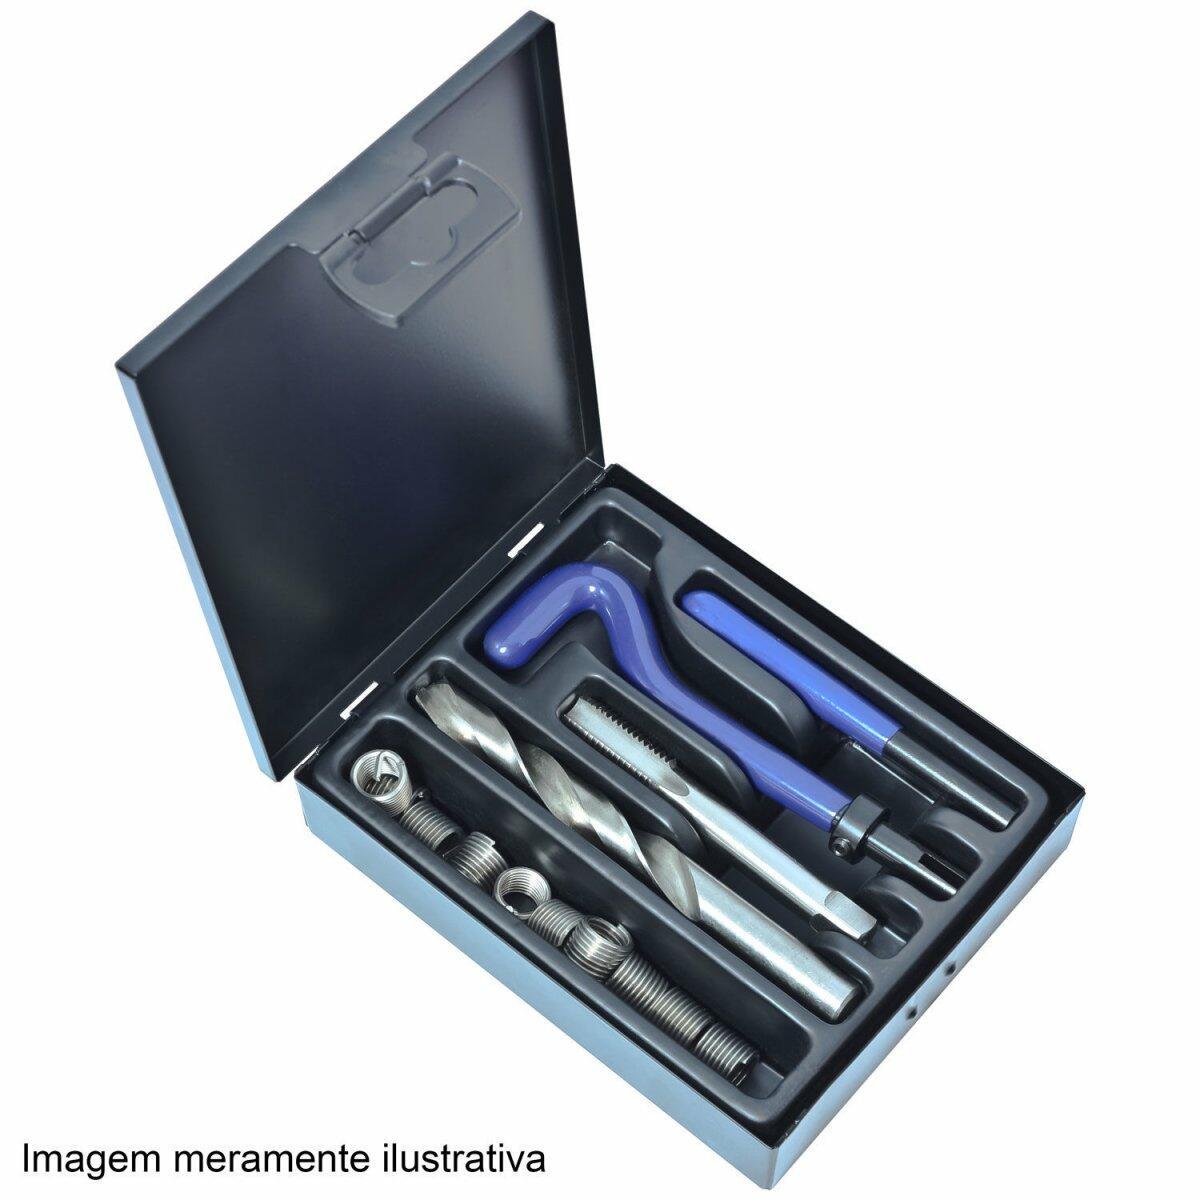 Kit Rosca Postiça Para Reparos MF12 x 1,50 Rocast 95,0026